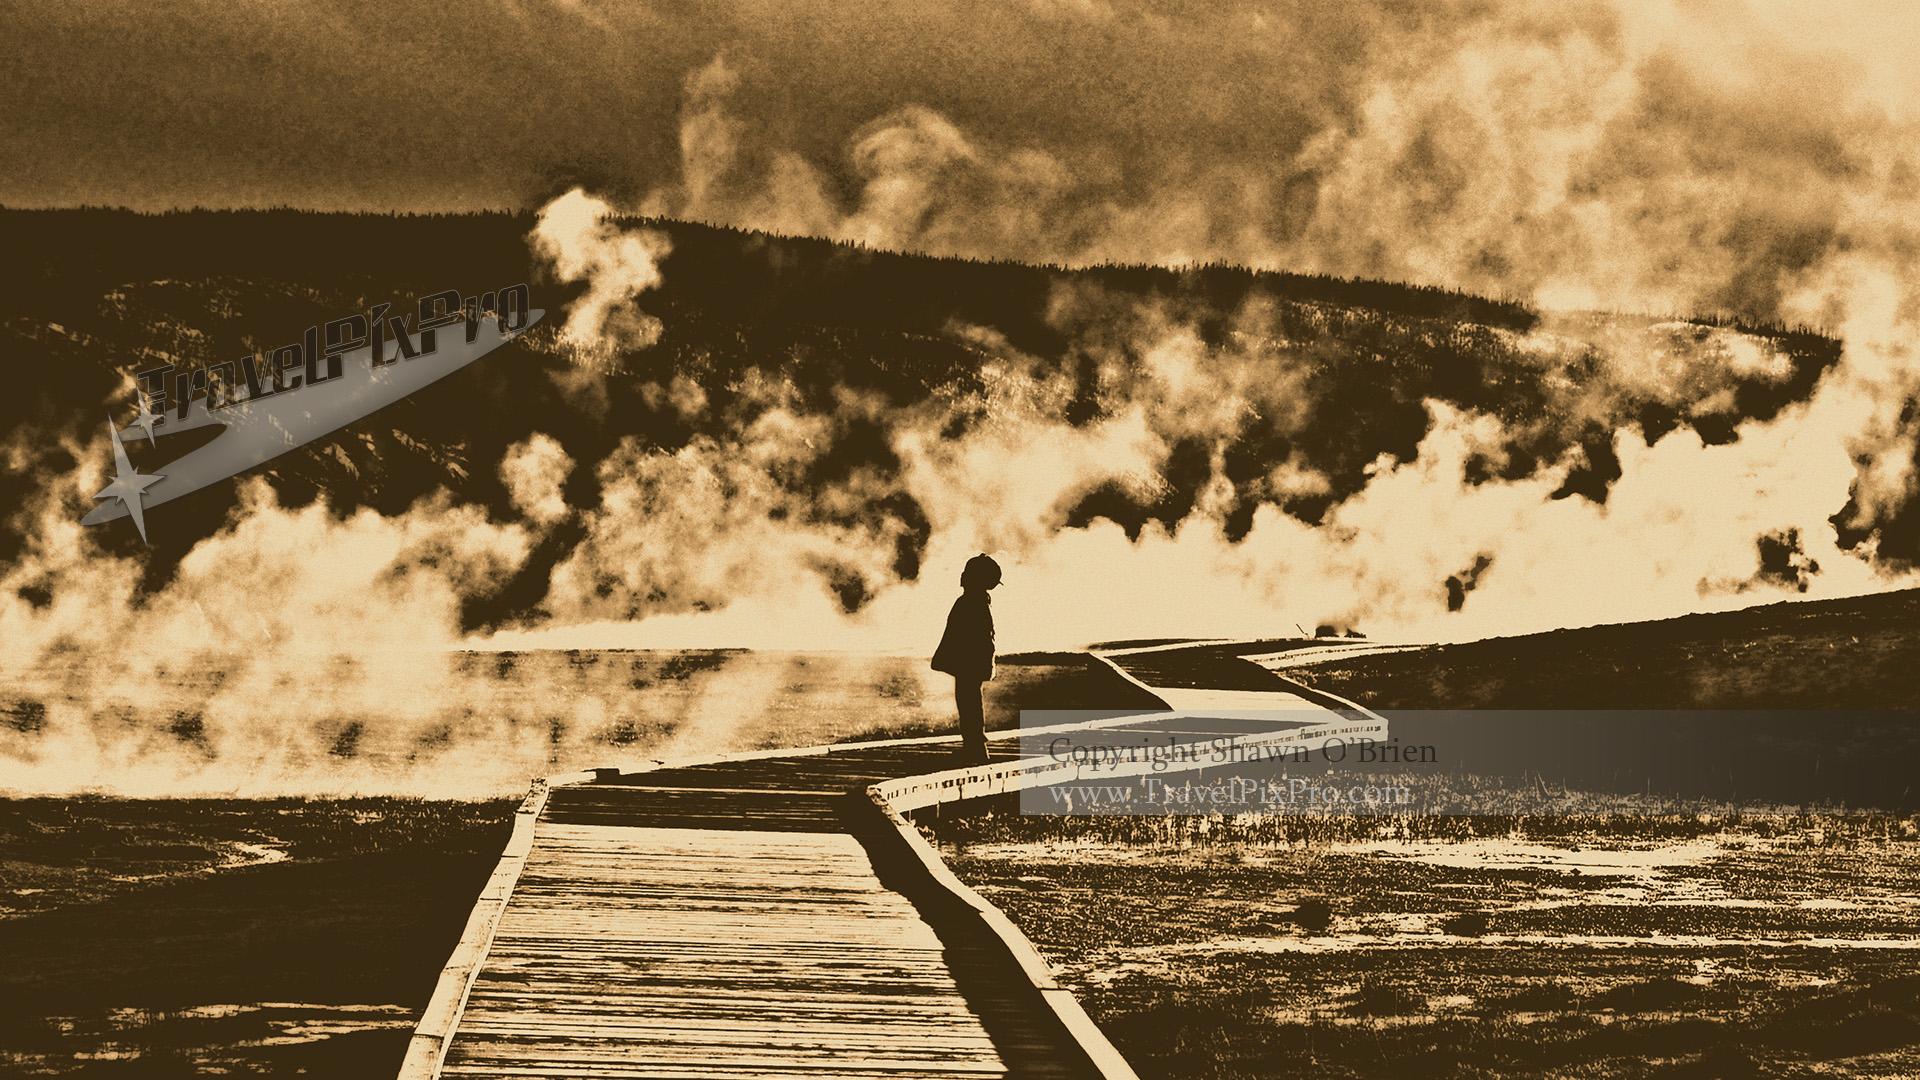 Yellowstone Wonder